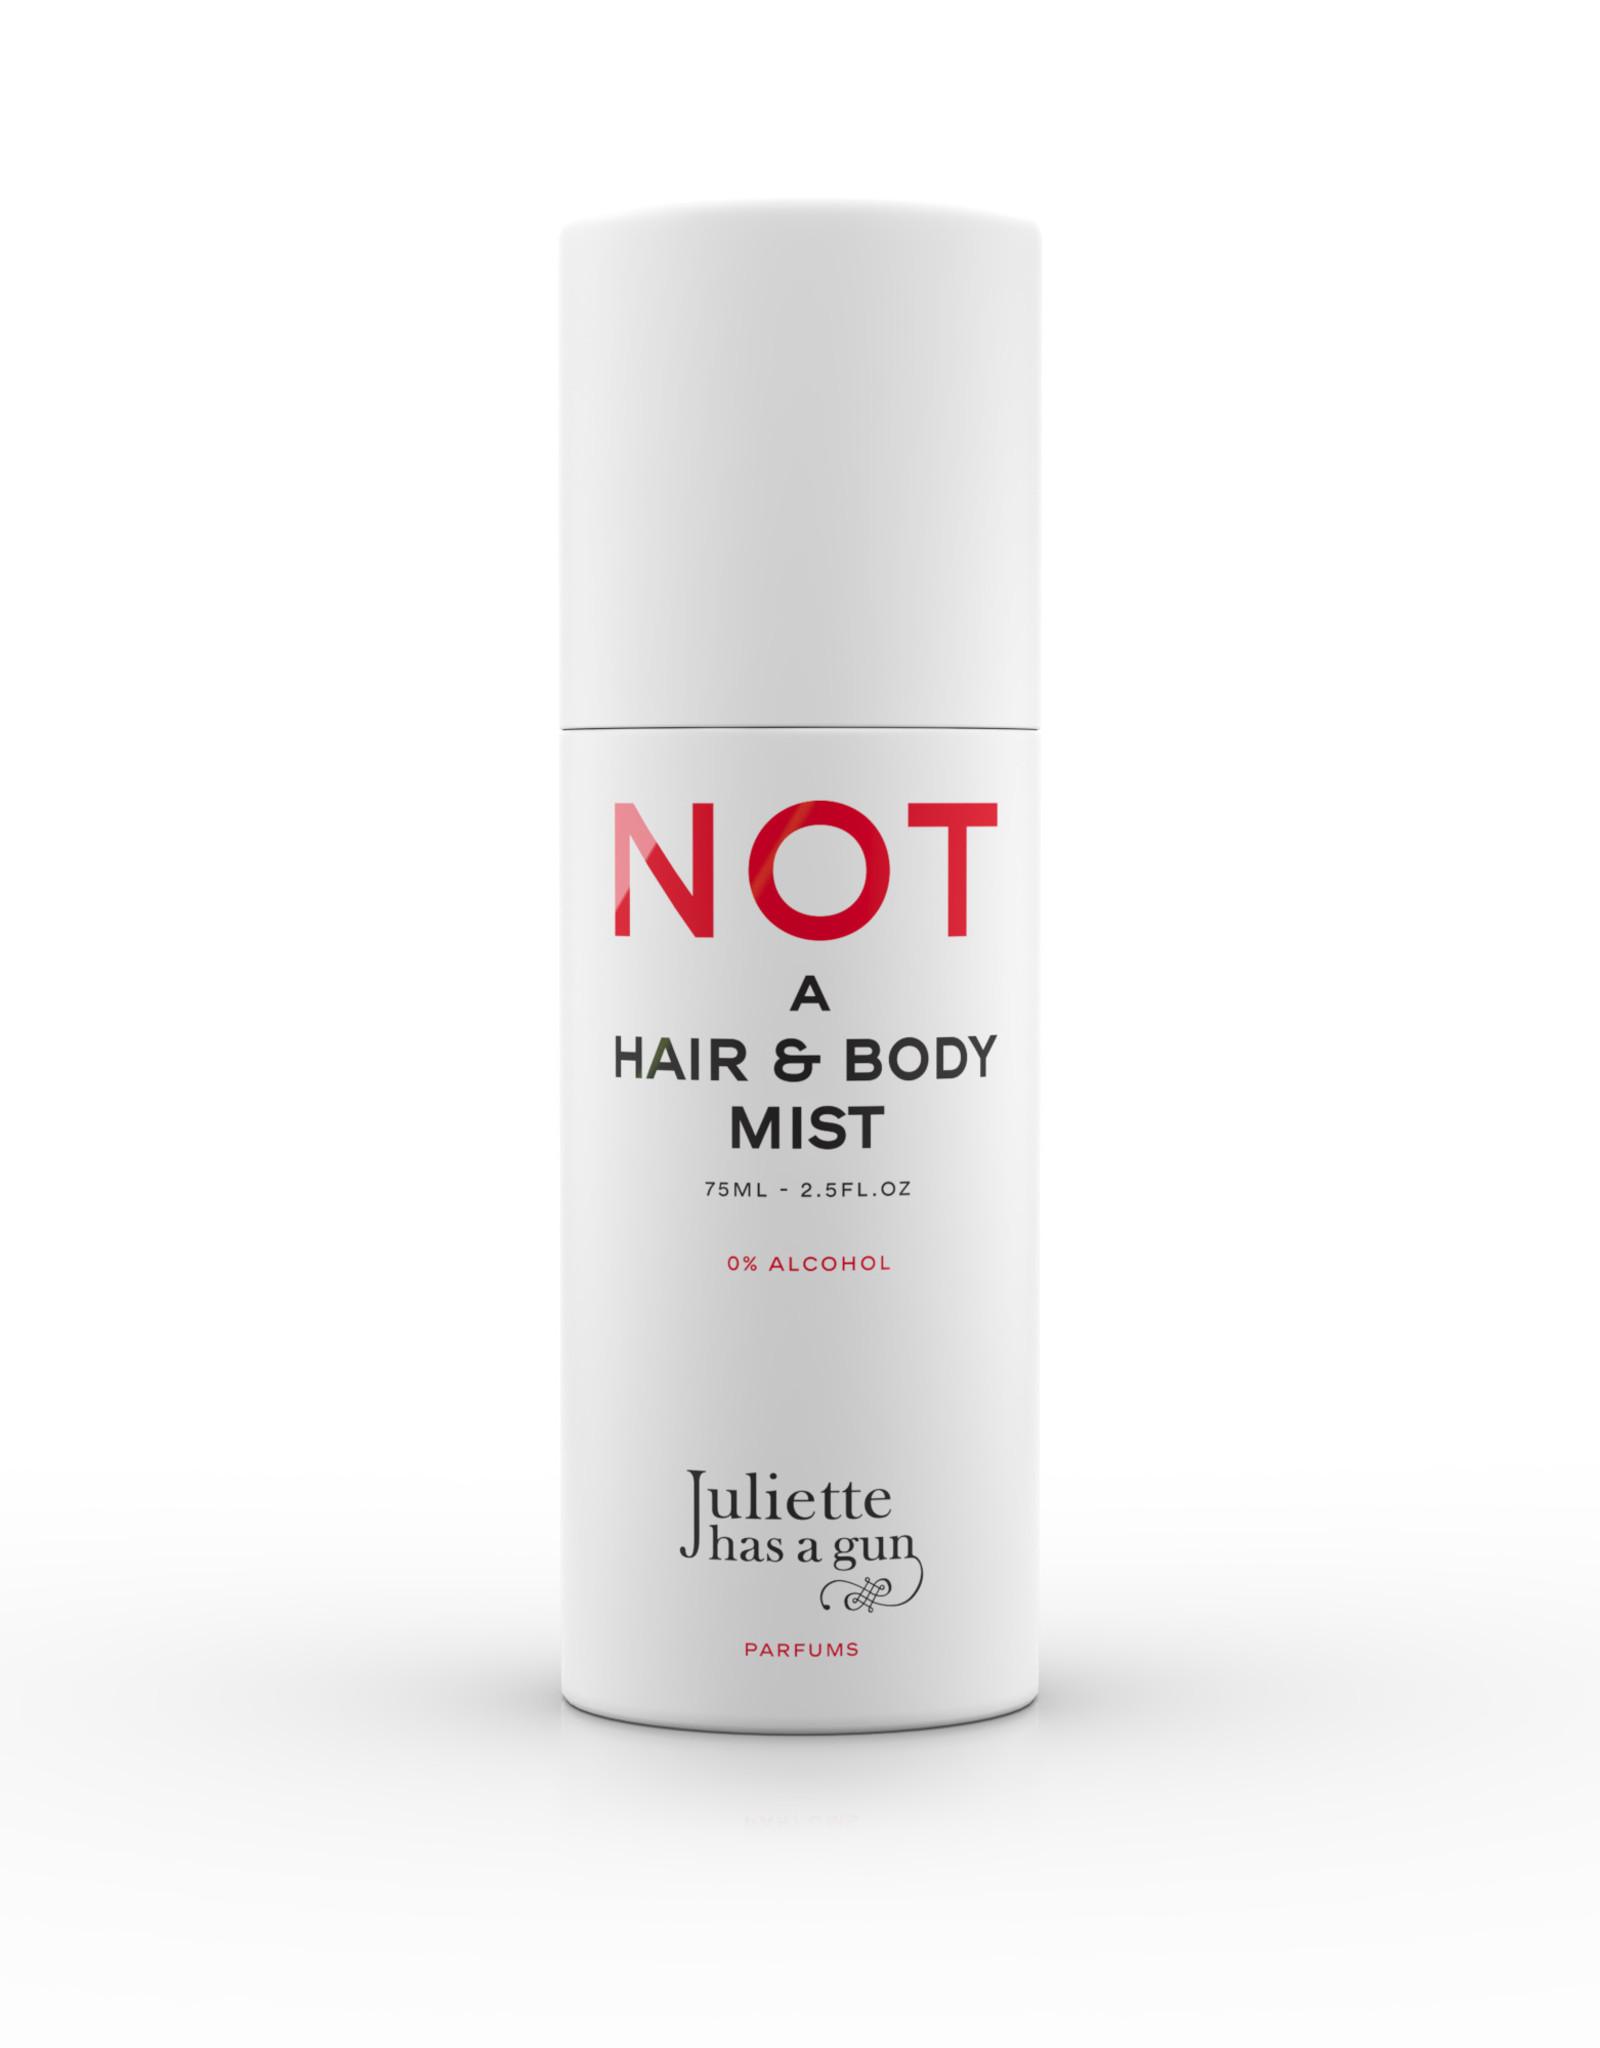 Juliette has a gun Juliette has a gun - Not a perfume hair & body mist